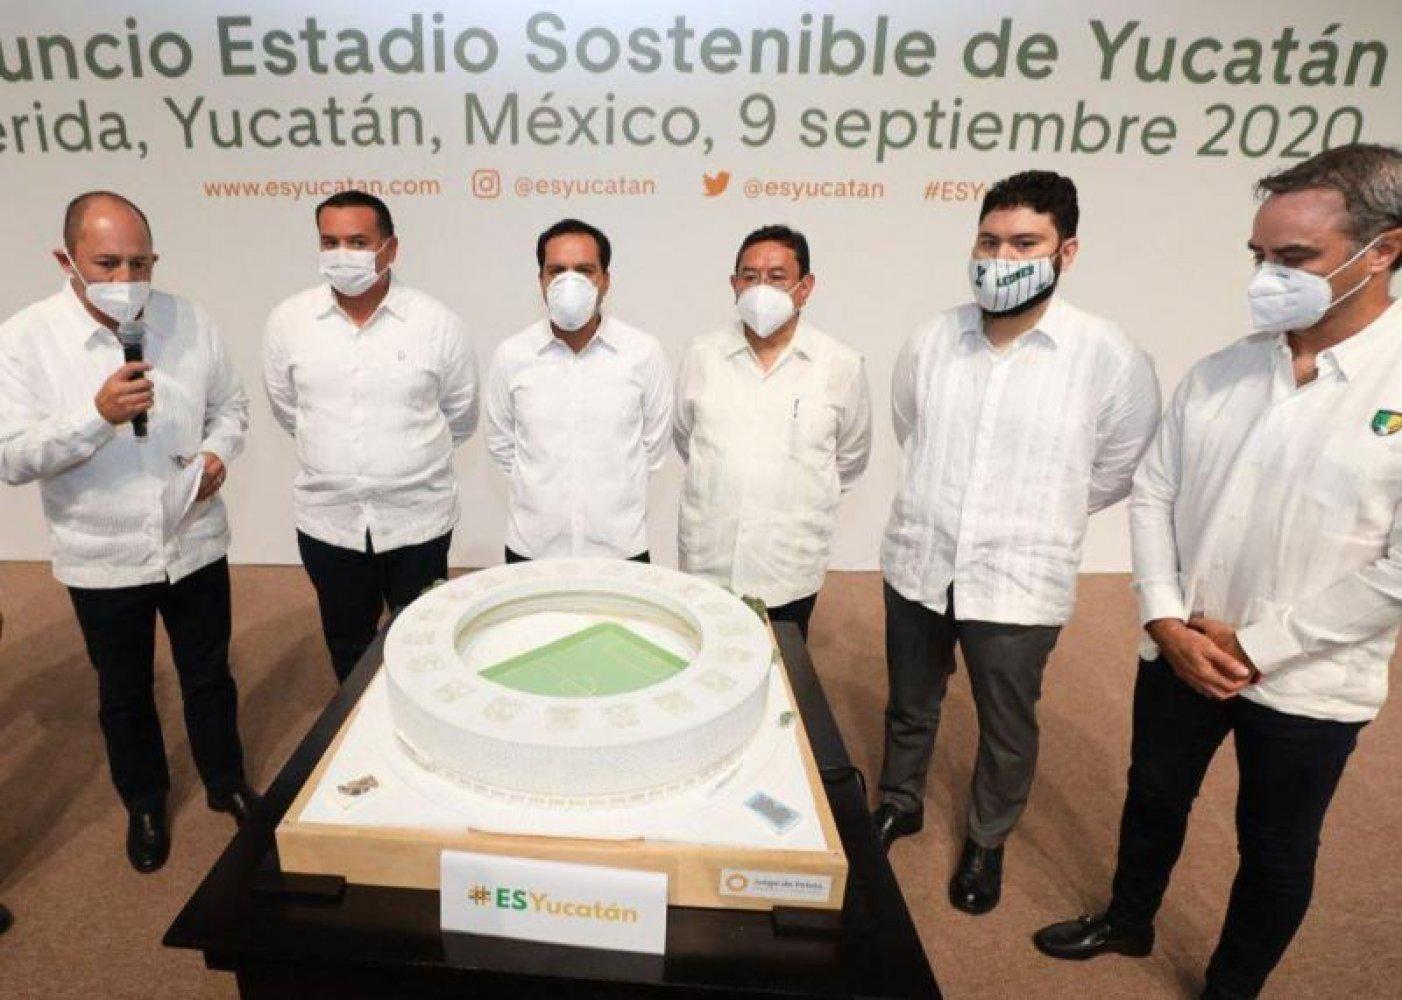 estadio-sostenible-de-yucatan-esy-via-montejo-1